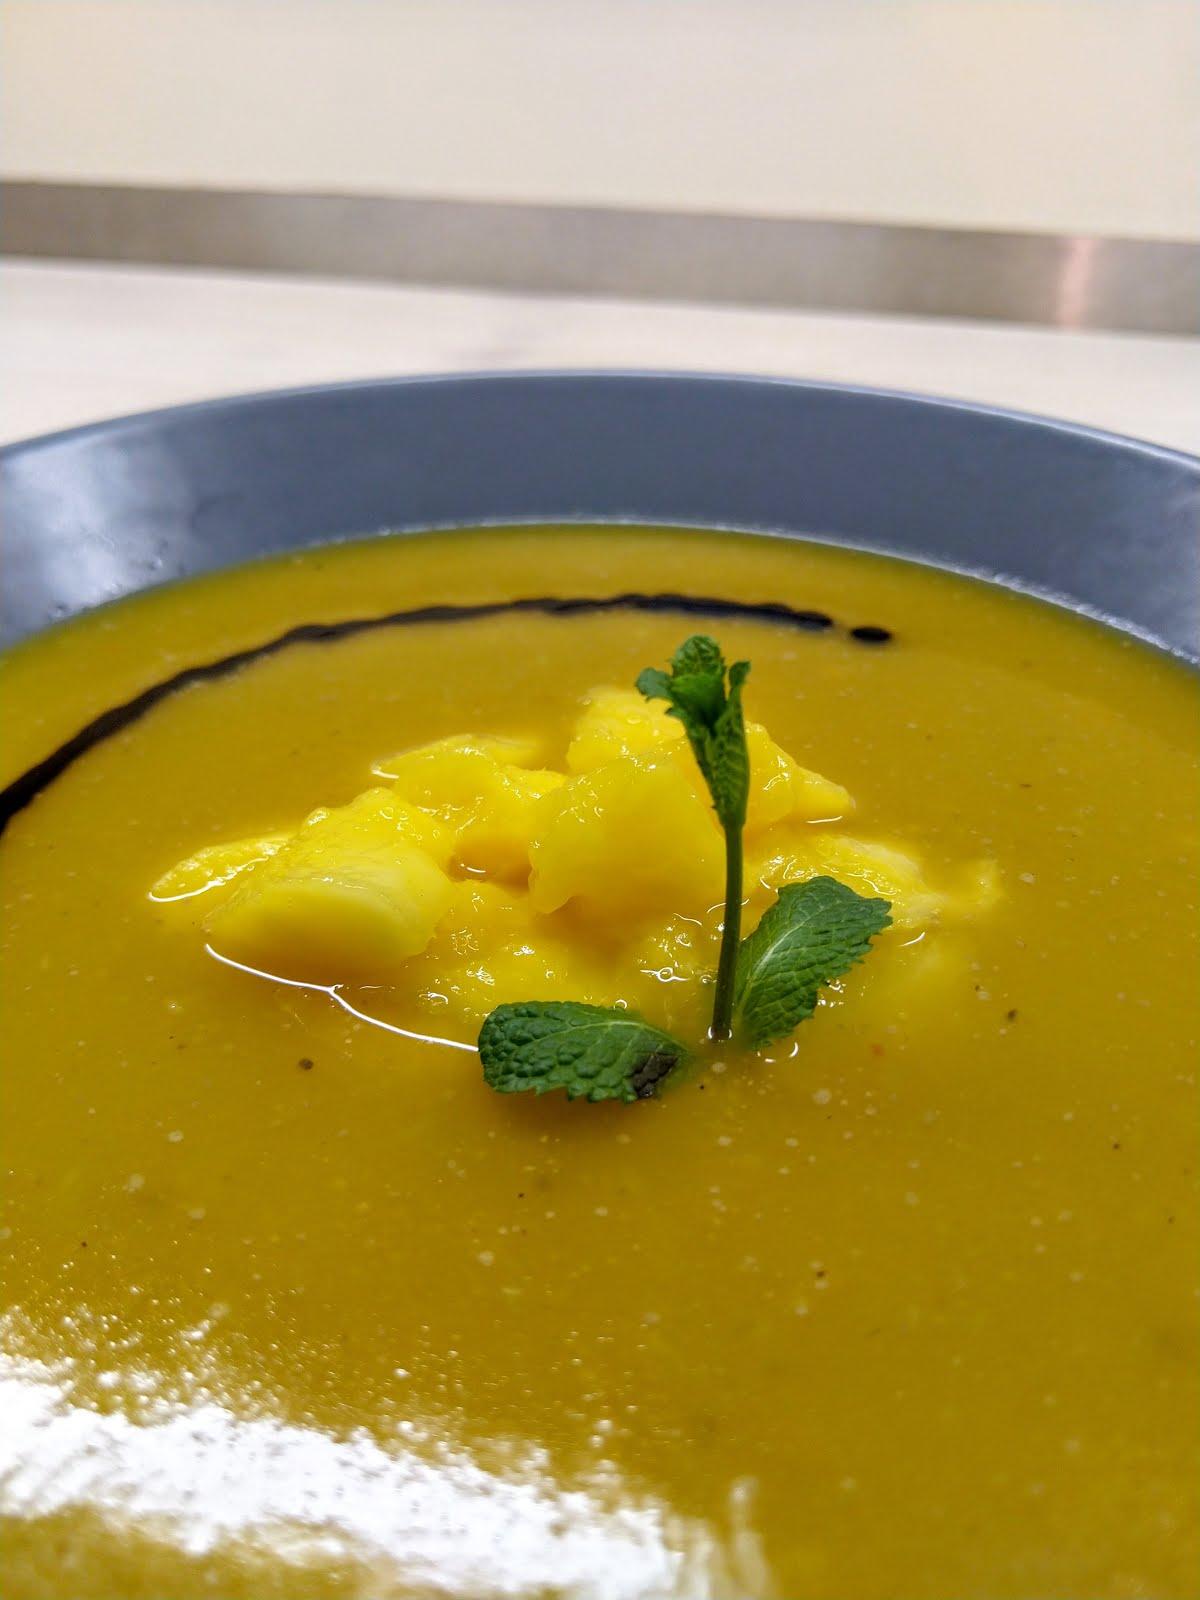 wegańska zupa krem z dyni z mlekiem kokosowym, imbirem, mango i octem balsamicznym.